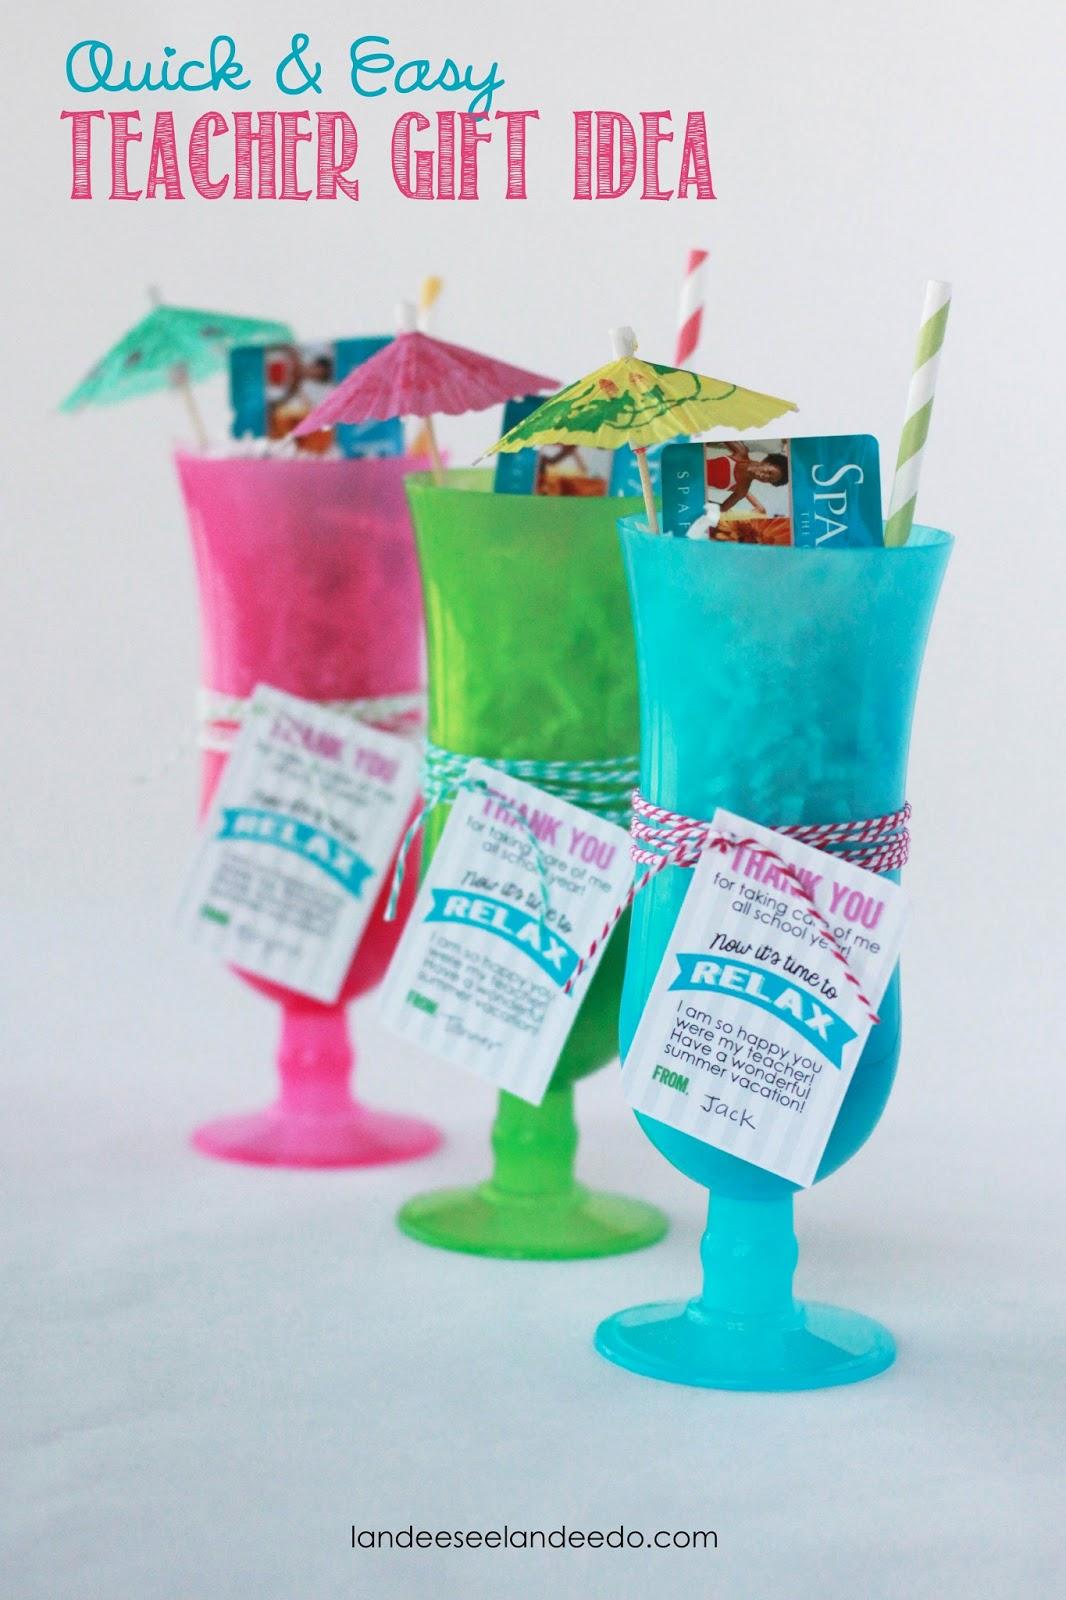 Teacher Gift Idea: Time to Relax - landeelu com